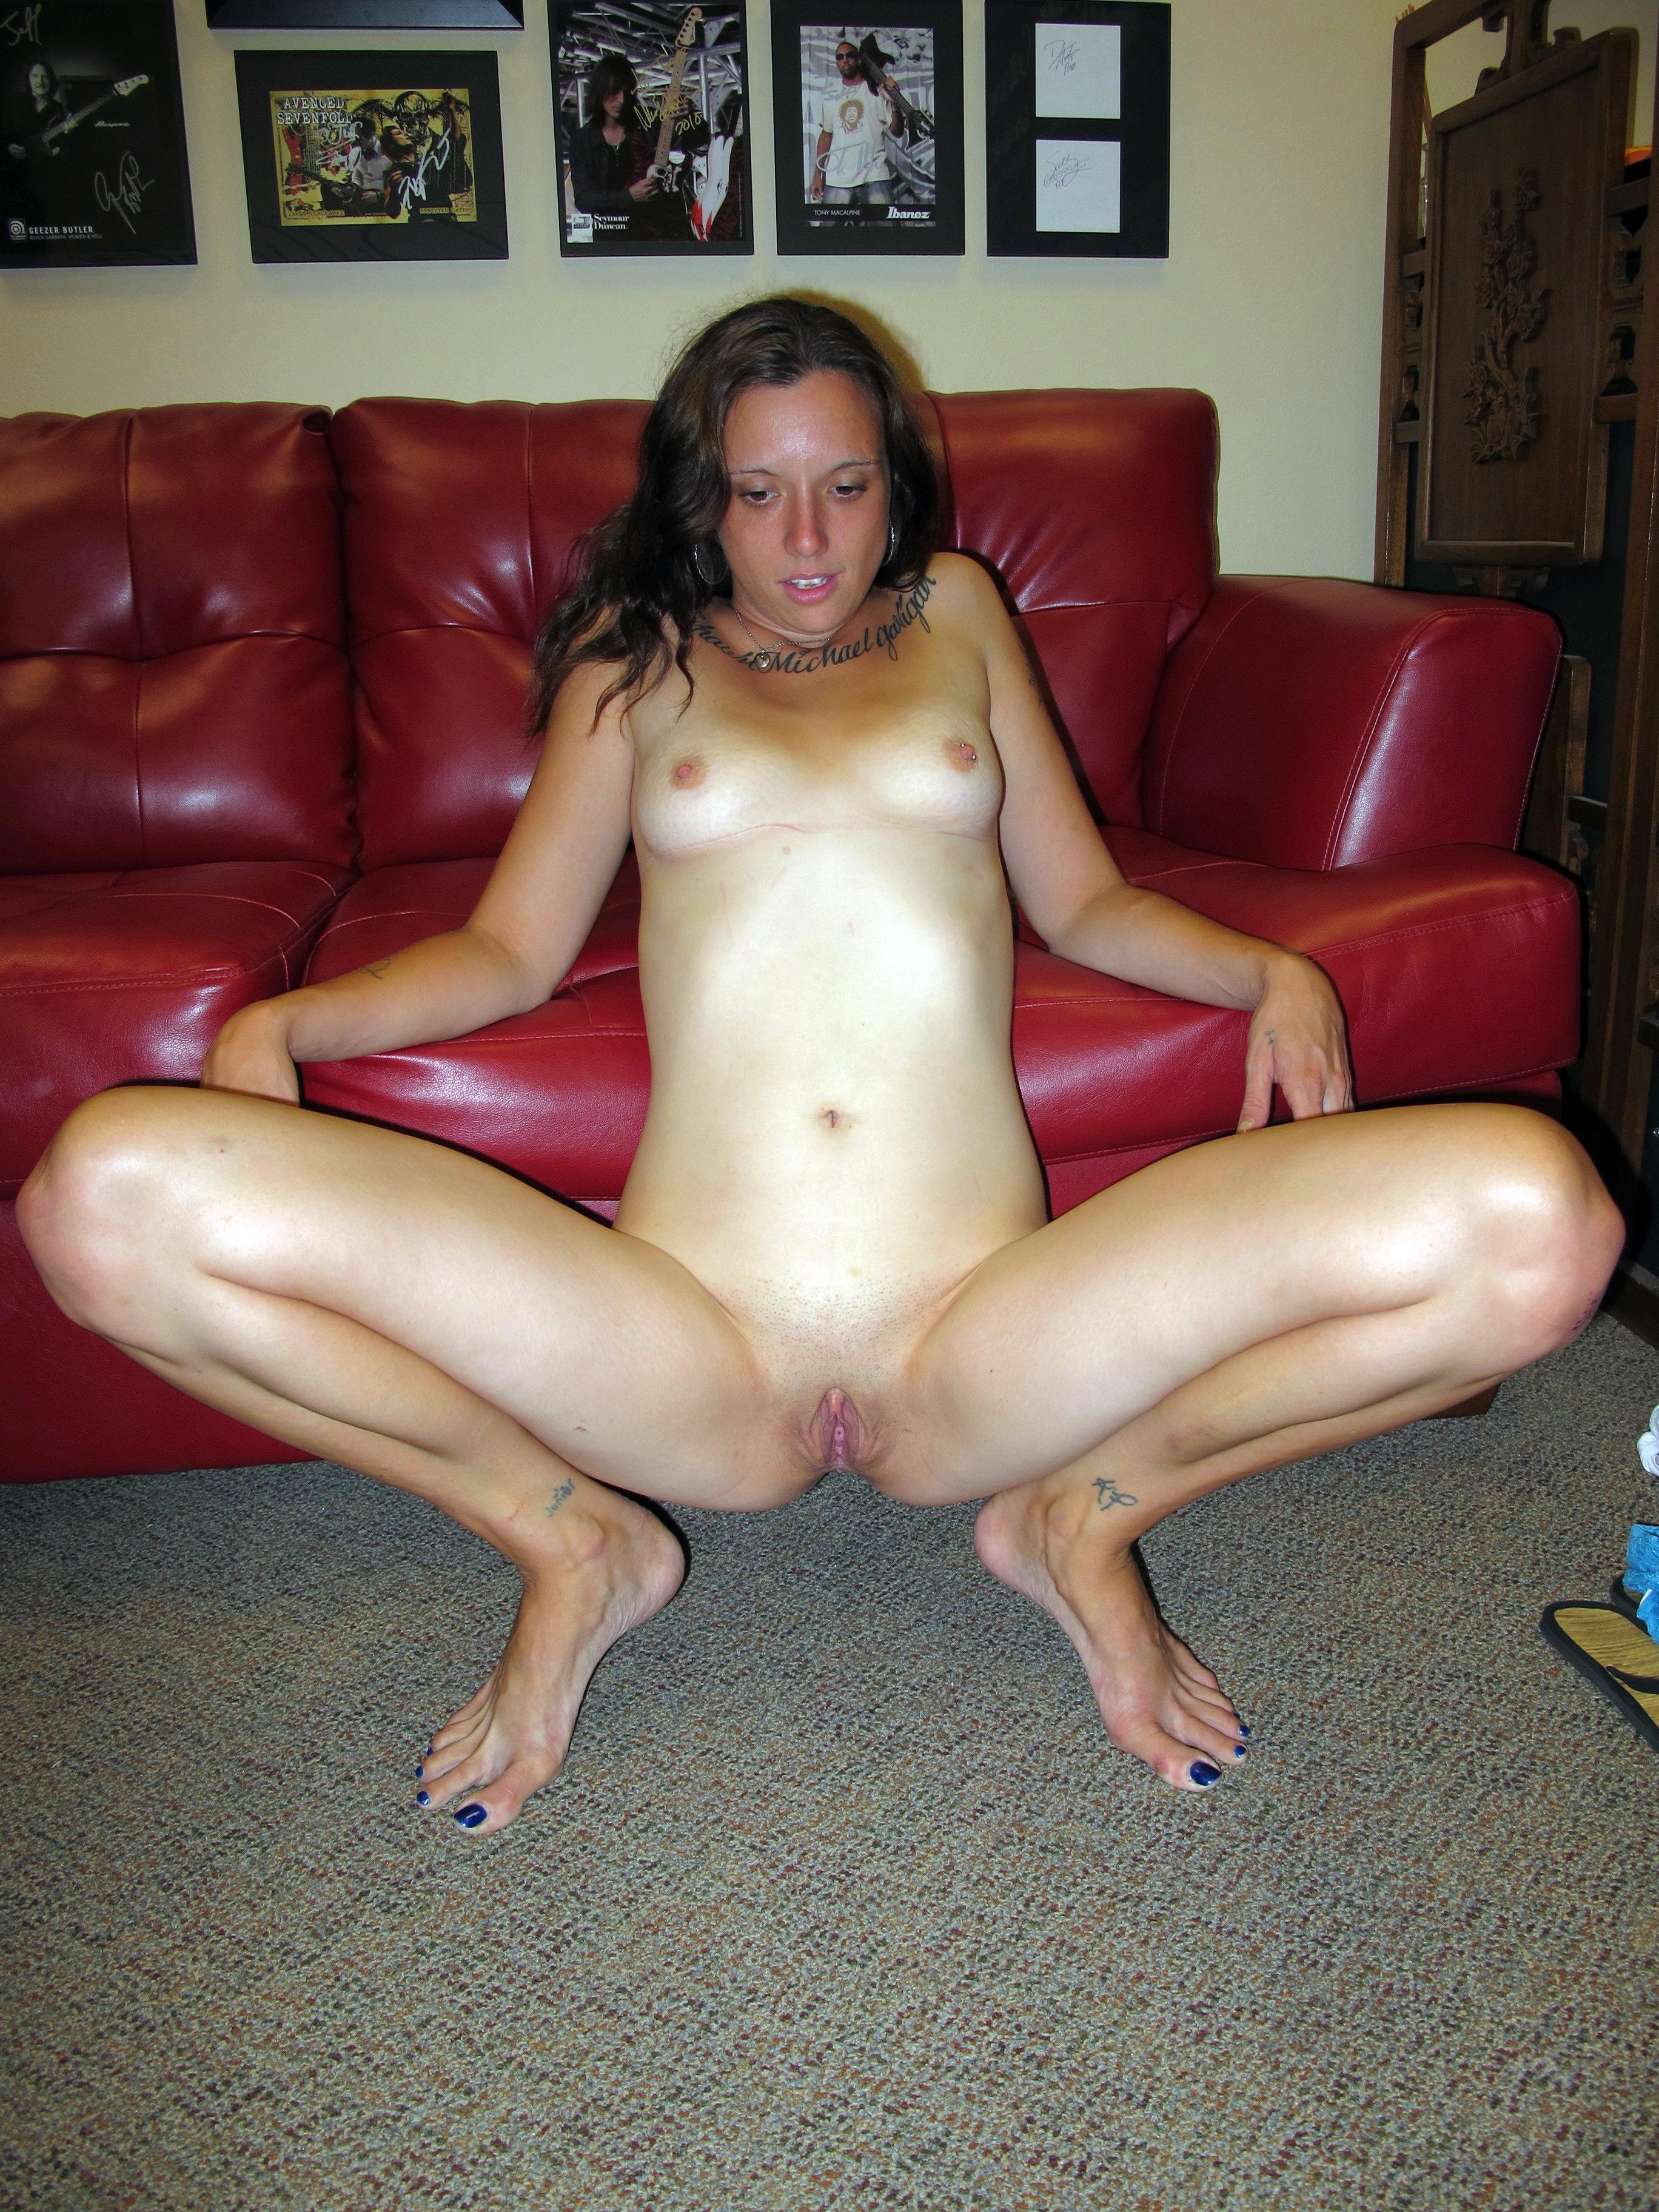 crouching Nude women